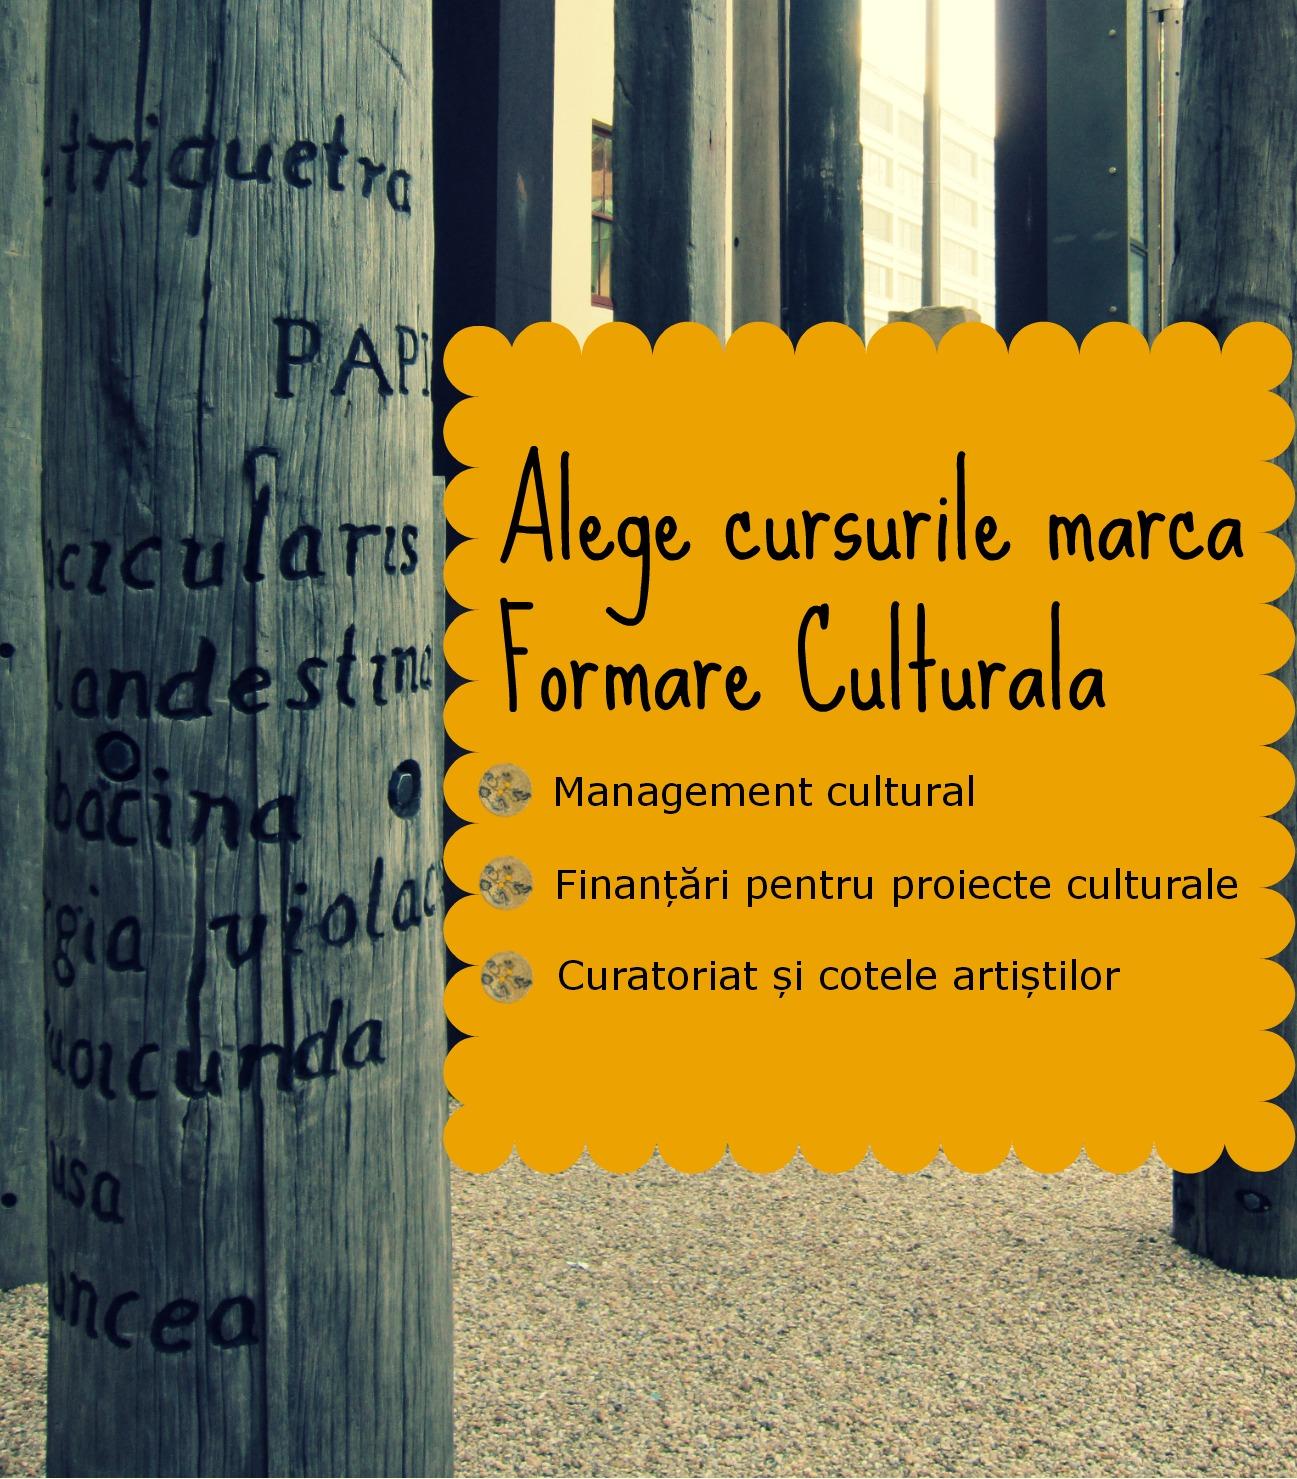 Cursuri culturale Turbo și Compresor, marca Formare Culturală: vino să găsești soluții practice și creative pentru proiectele tale culturale